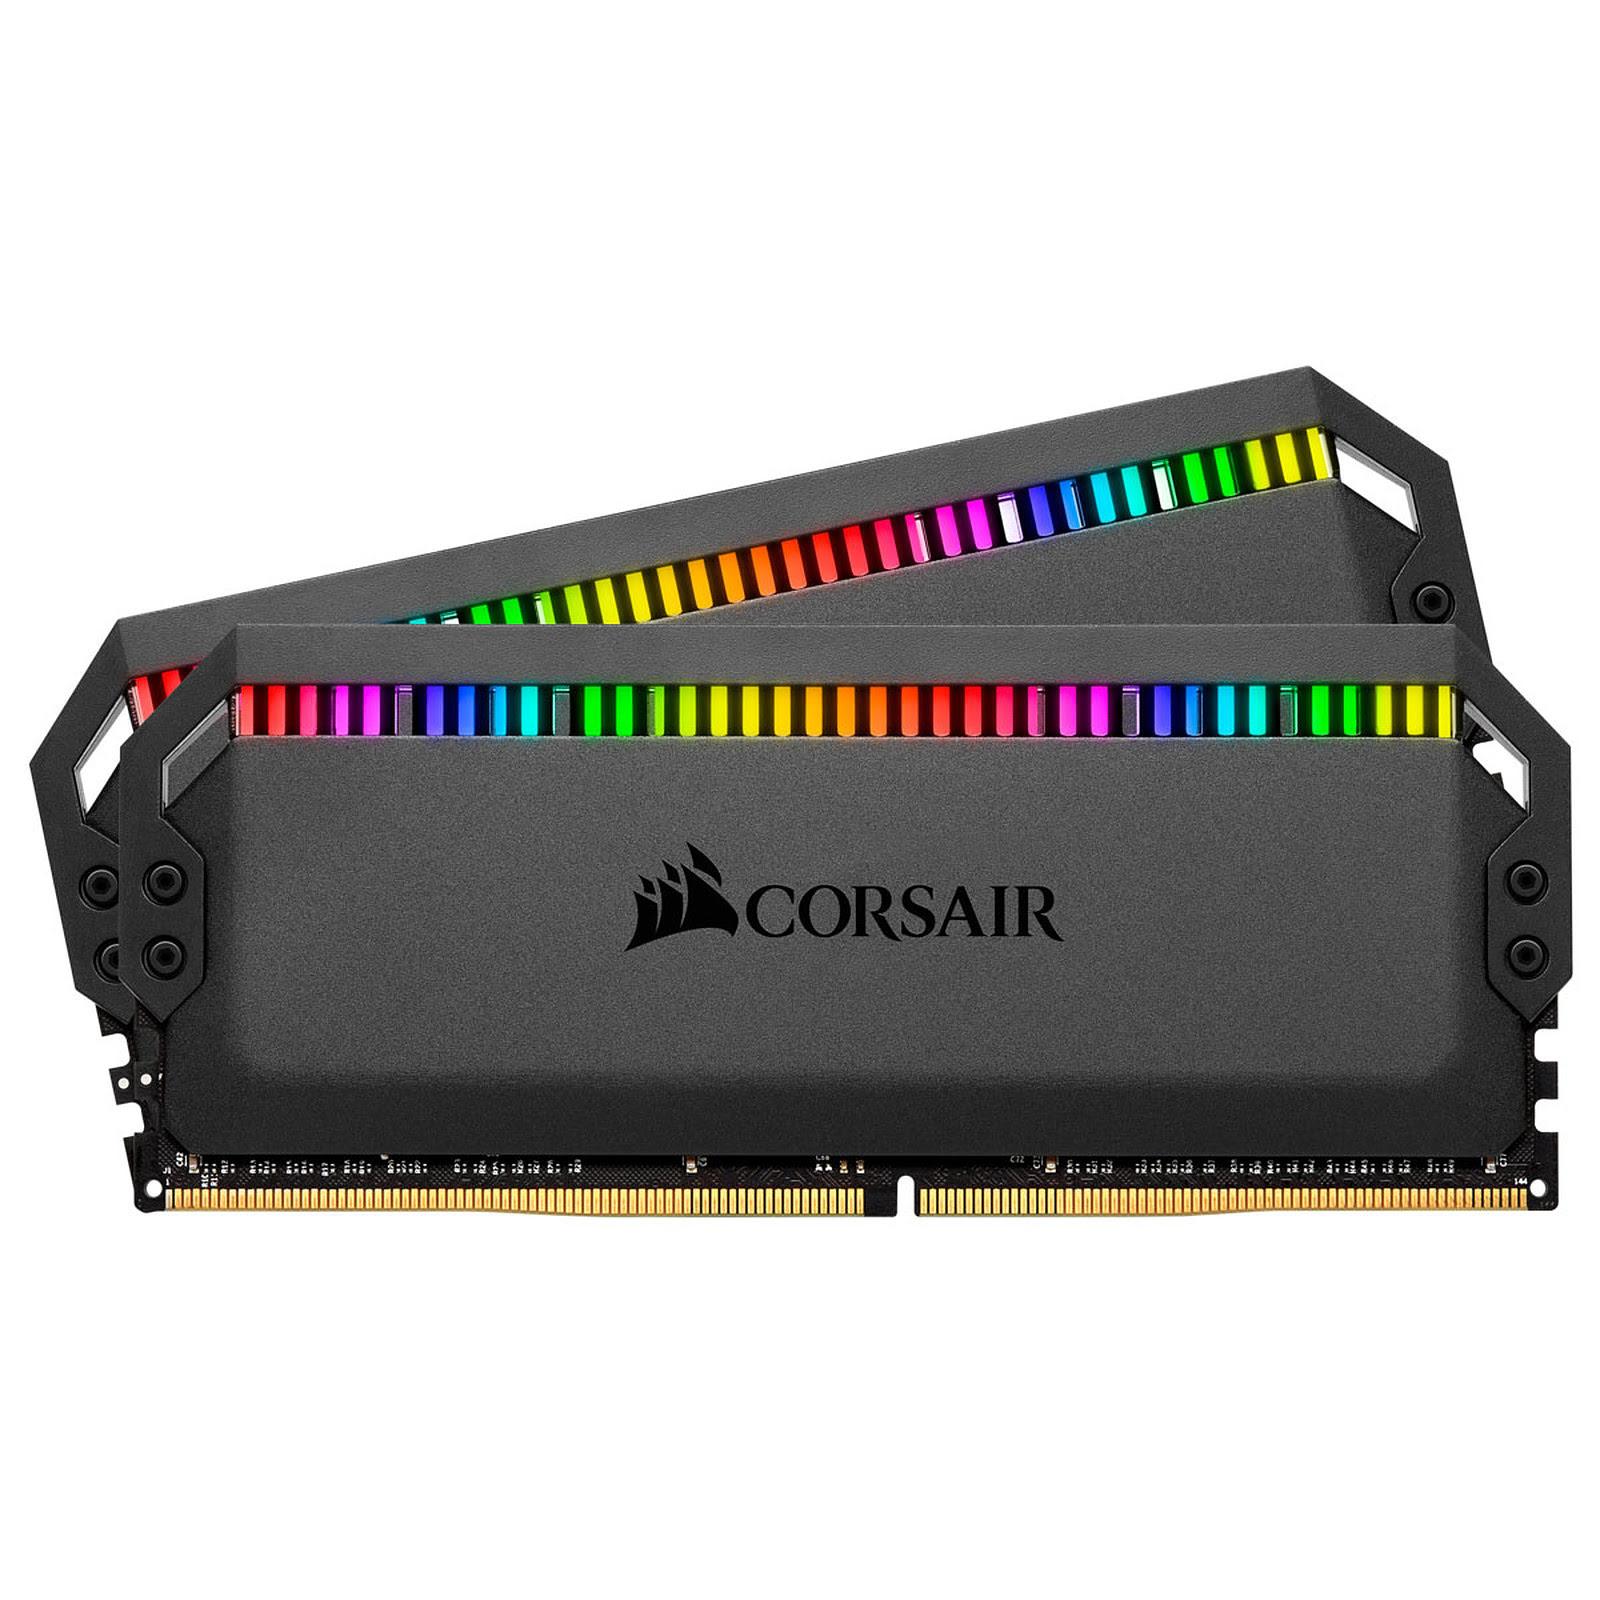 Corsair DOMINATOR PLATINUM RGB 32Go (2x16Go) DDR4 3200MHz C16 32Go DDR4 3200MHz PC25600 - Mémoire PC Corsair sur Cybertek.fr - 0